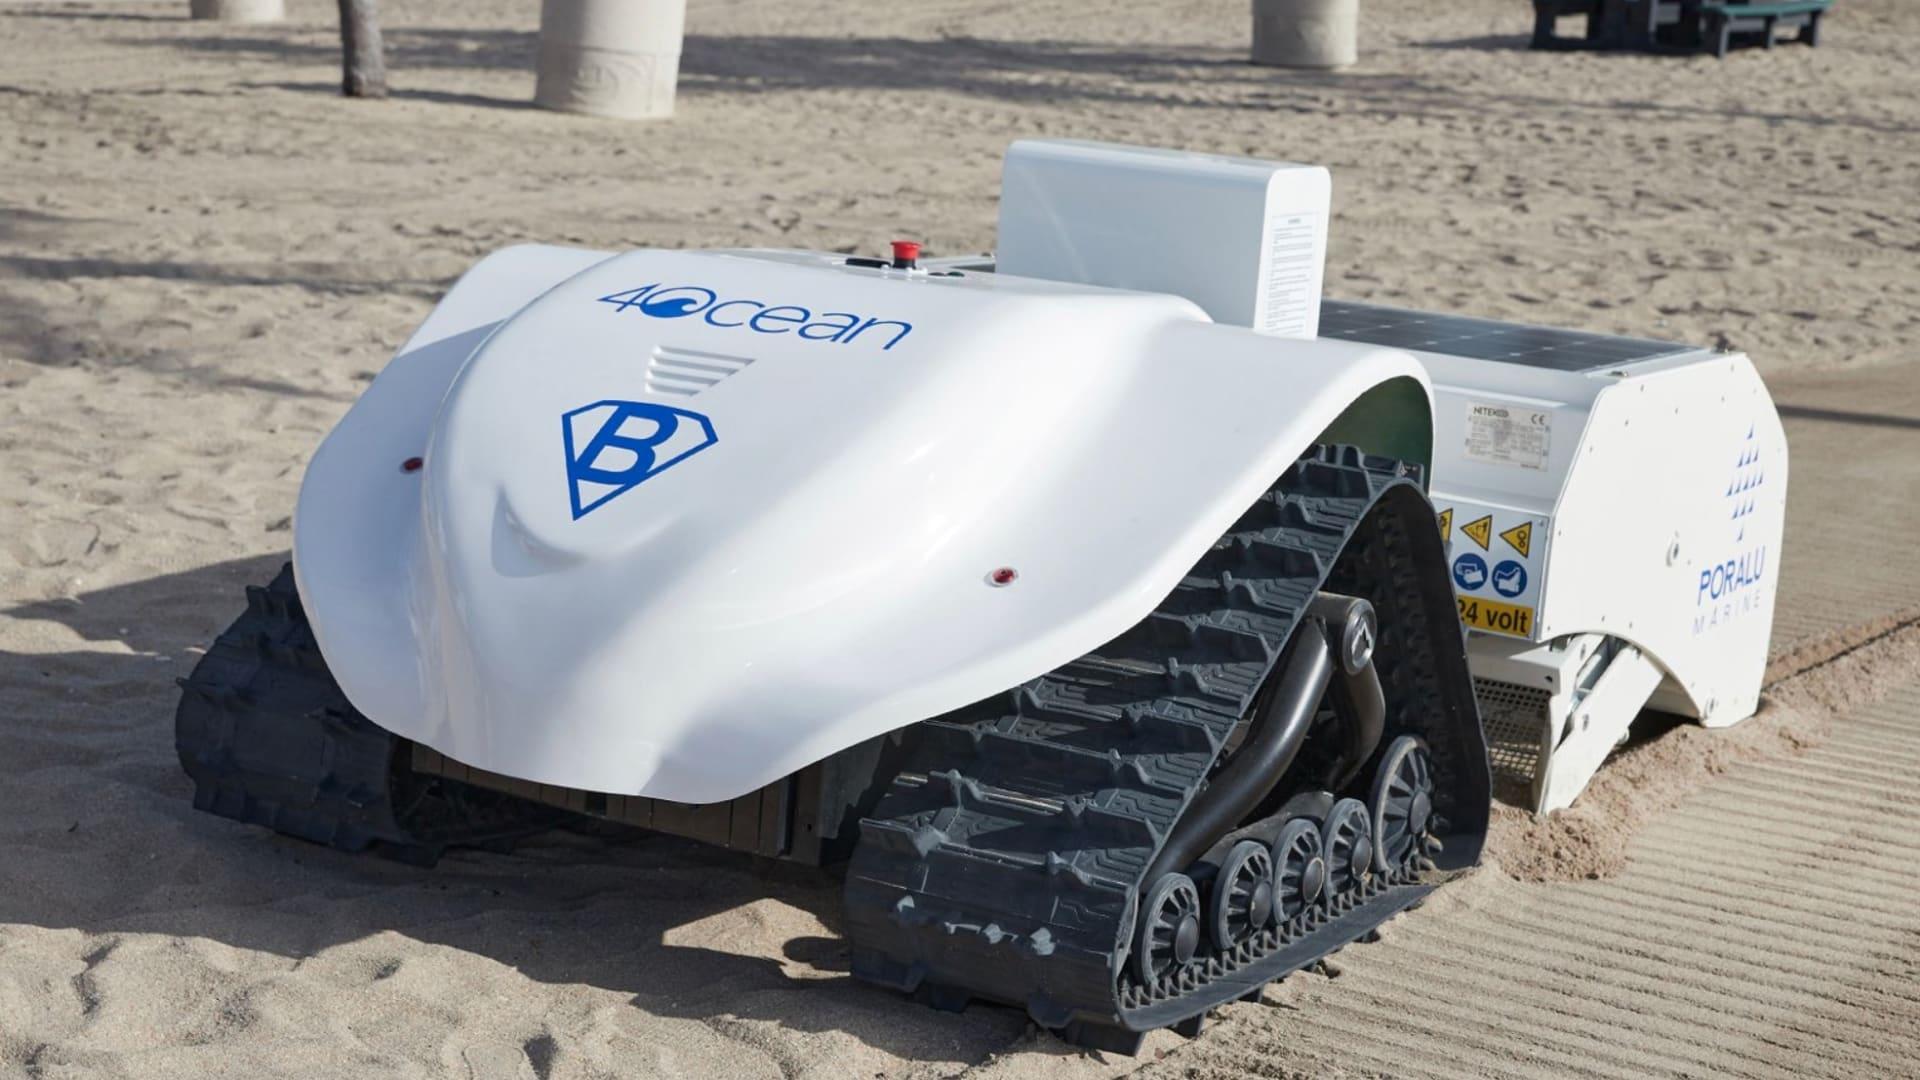 يستخدم خوارزميات مكتسبة.. تعرّف على الروبوت الذي ينظف رمال الشاطئ